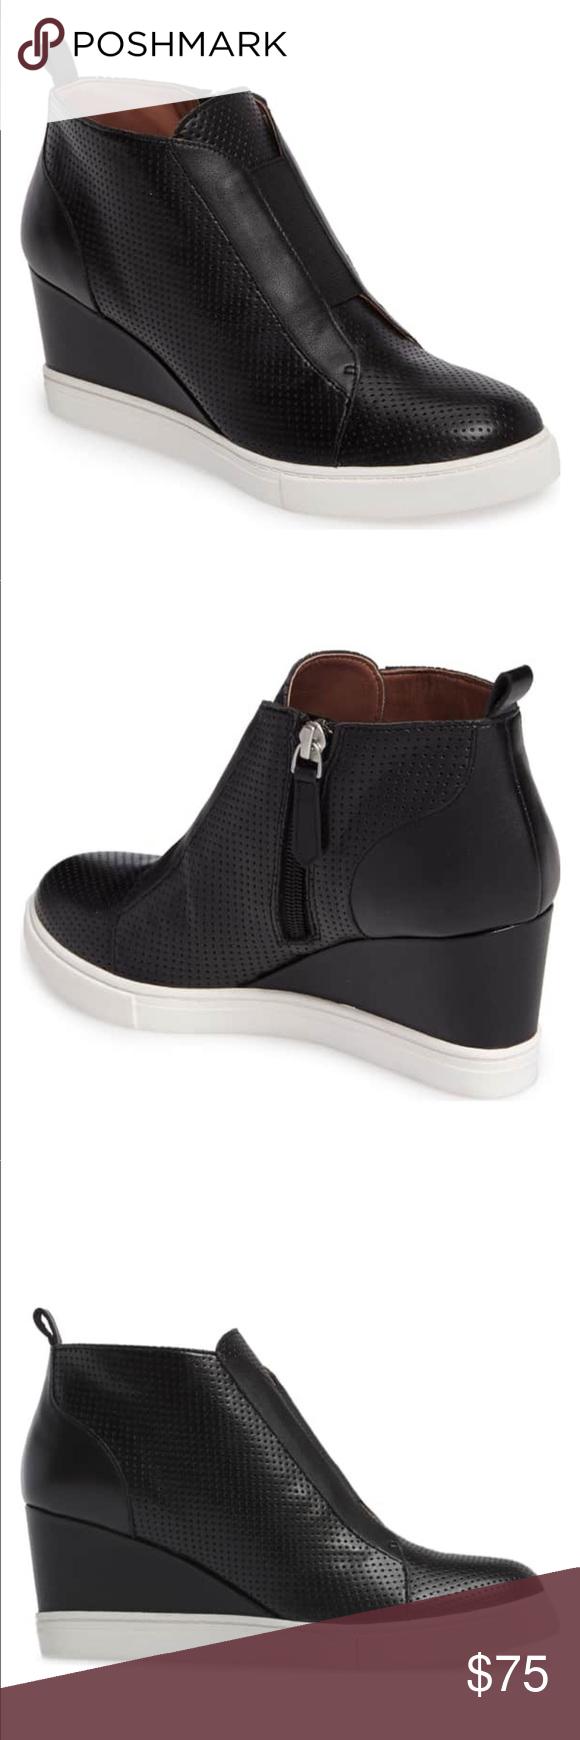 c1c1da76745f Linea Paolo Anna Wedge Sneaker Linea Paolo Anna Wedge Sneaker in black  perforated leather. Worn